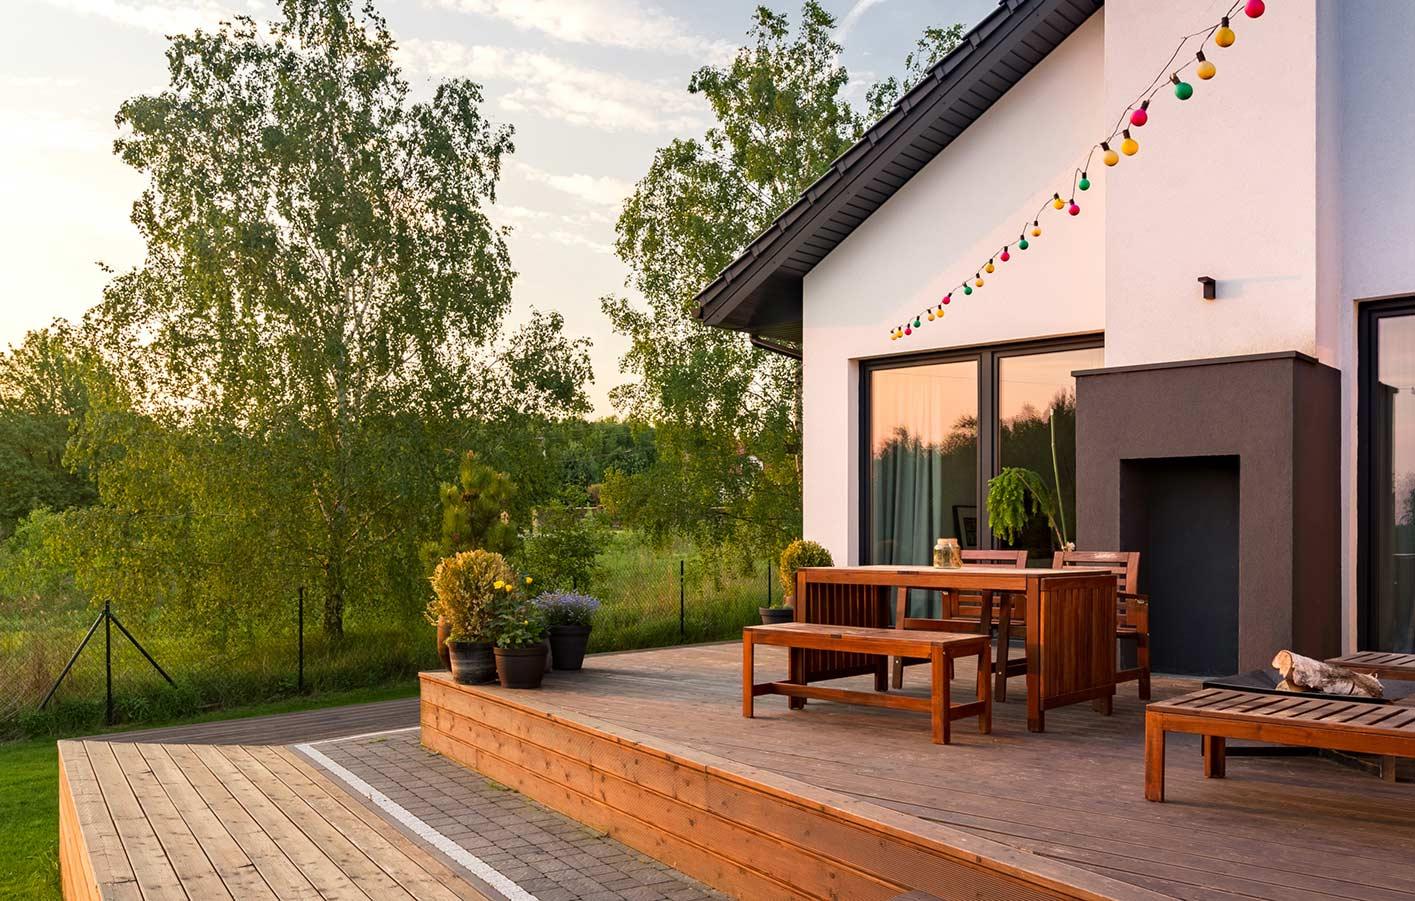 Terrassendielen Terrasse Holzdecks Bangkirai WPC kaufen Montage